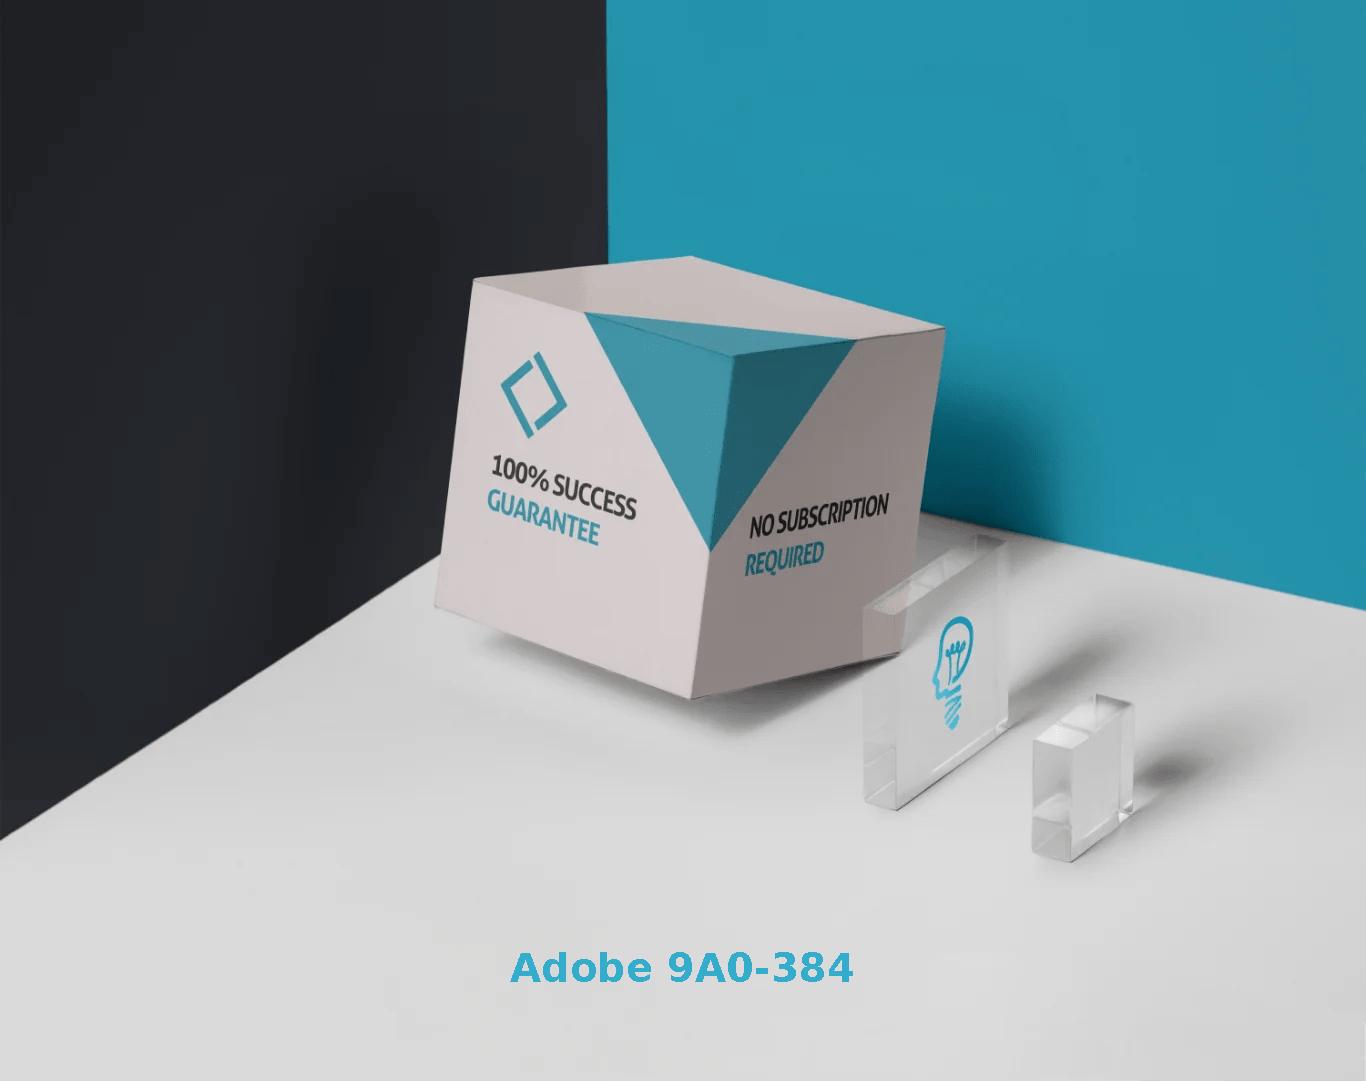 Adobe 9A0-384 Exams